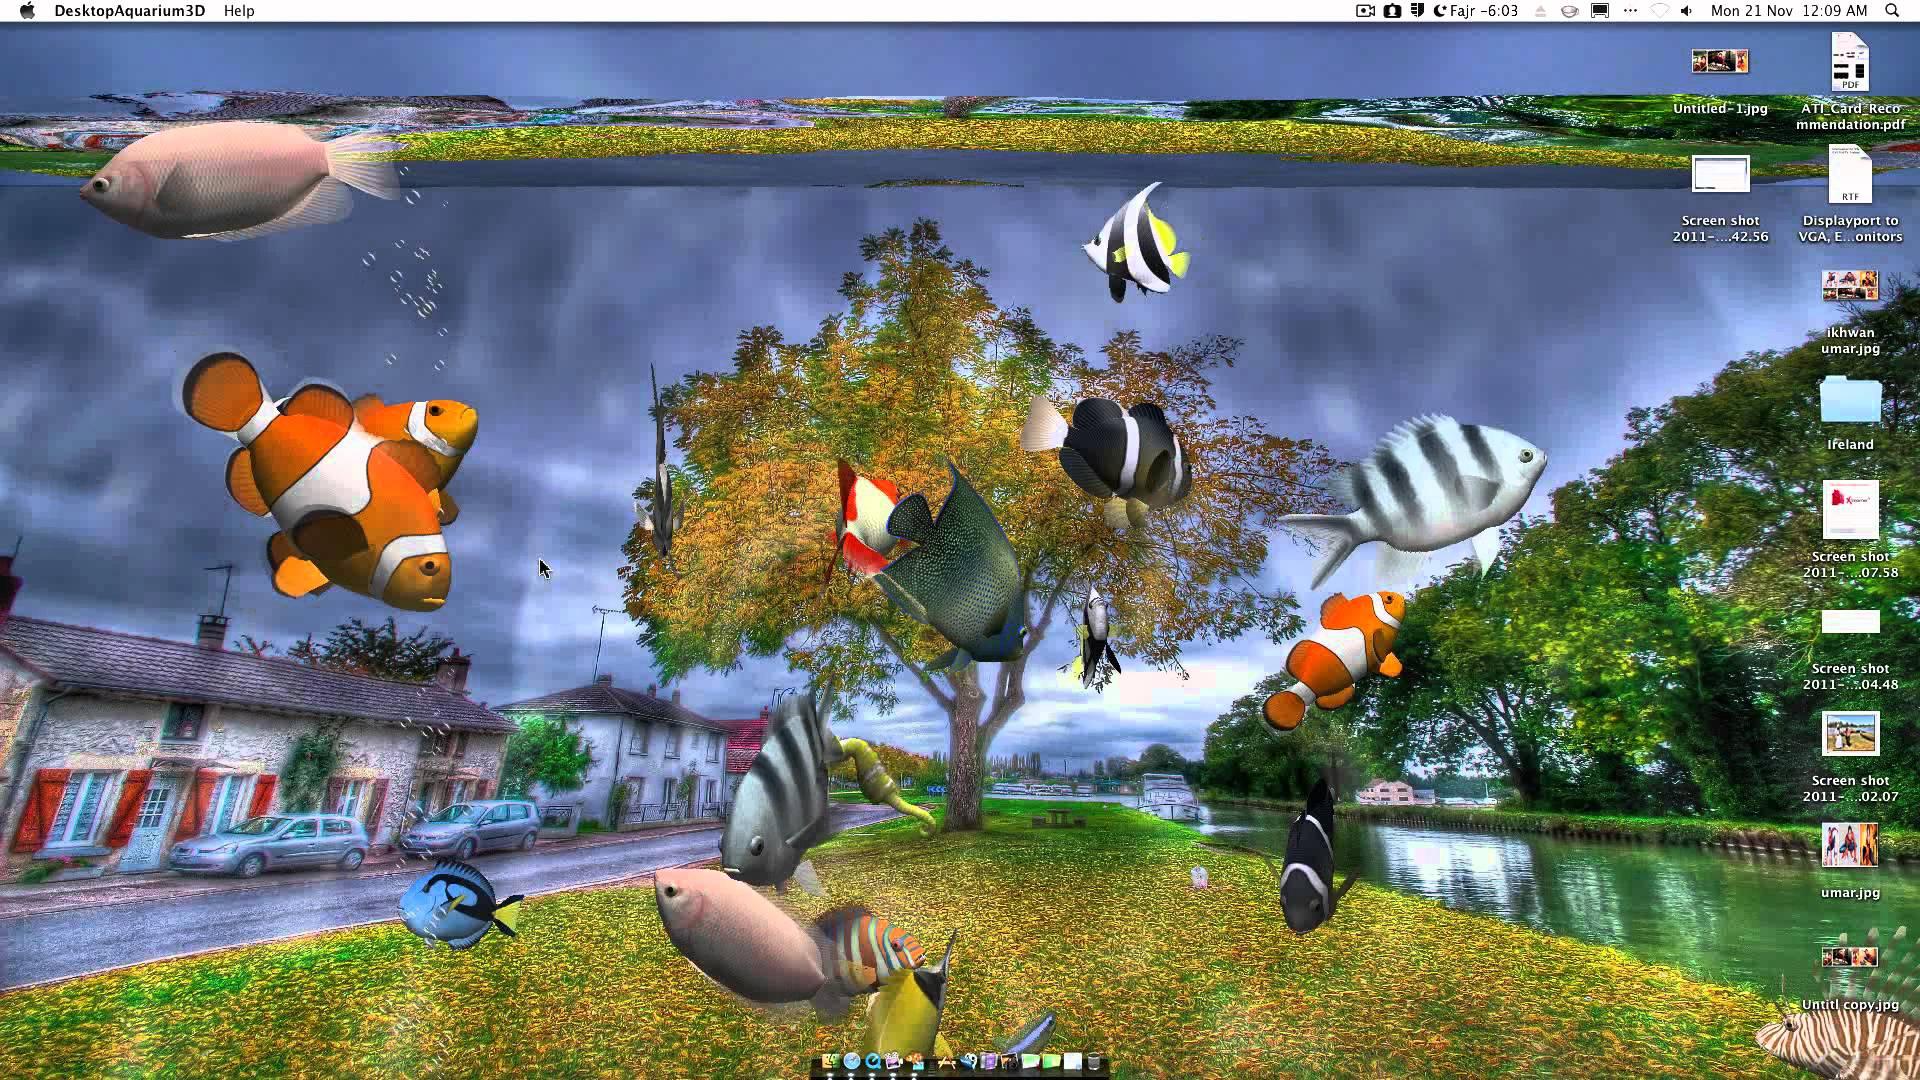 3D Aquarium Live Wallpaper HD Apk Free Download For PC Windows 7/8/8.1/10/XP